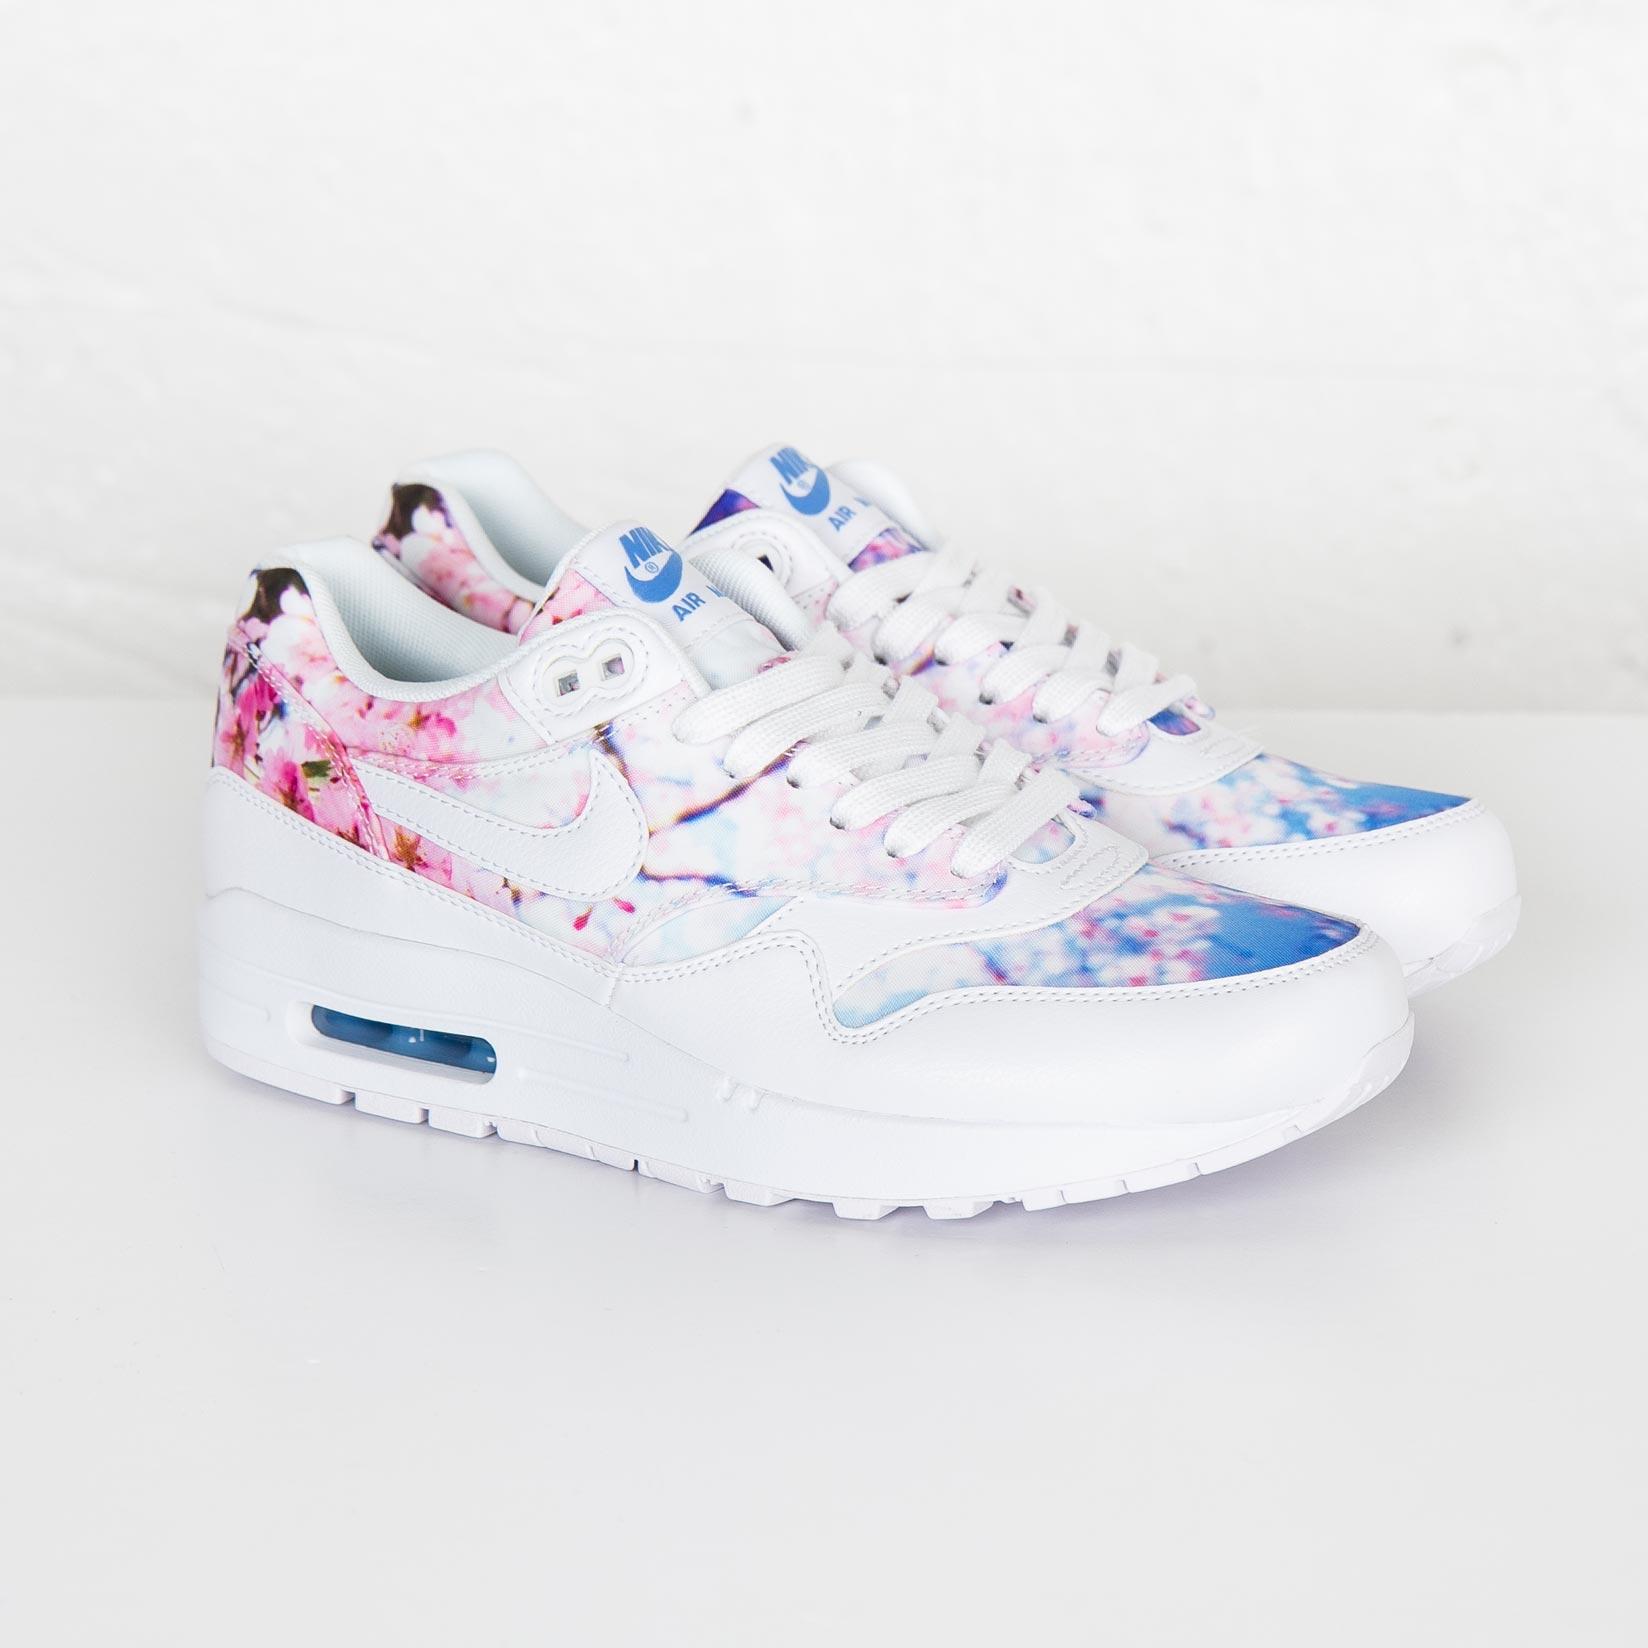 NIKE WMNS AIR MAX 1 PRINT CHERRY BLOSSOM 528898 102 Nike wmns Air Max 1 print cherry blossom Sakura